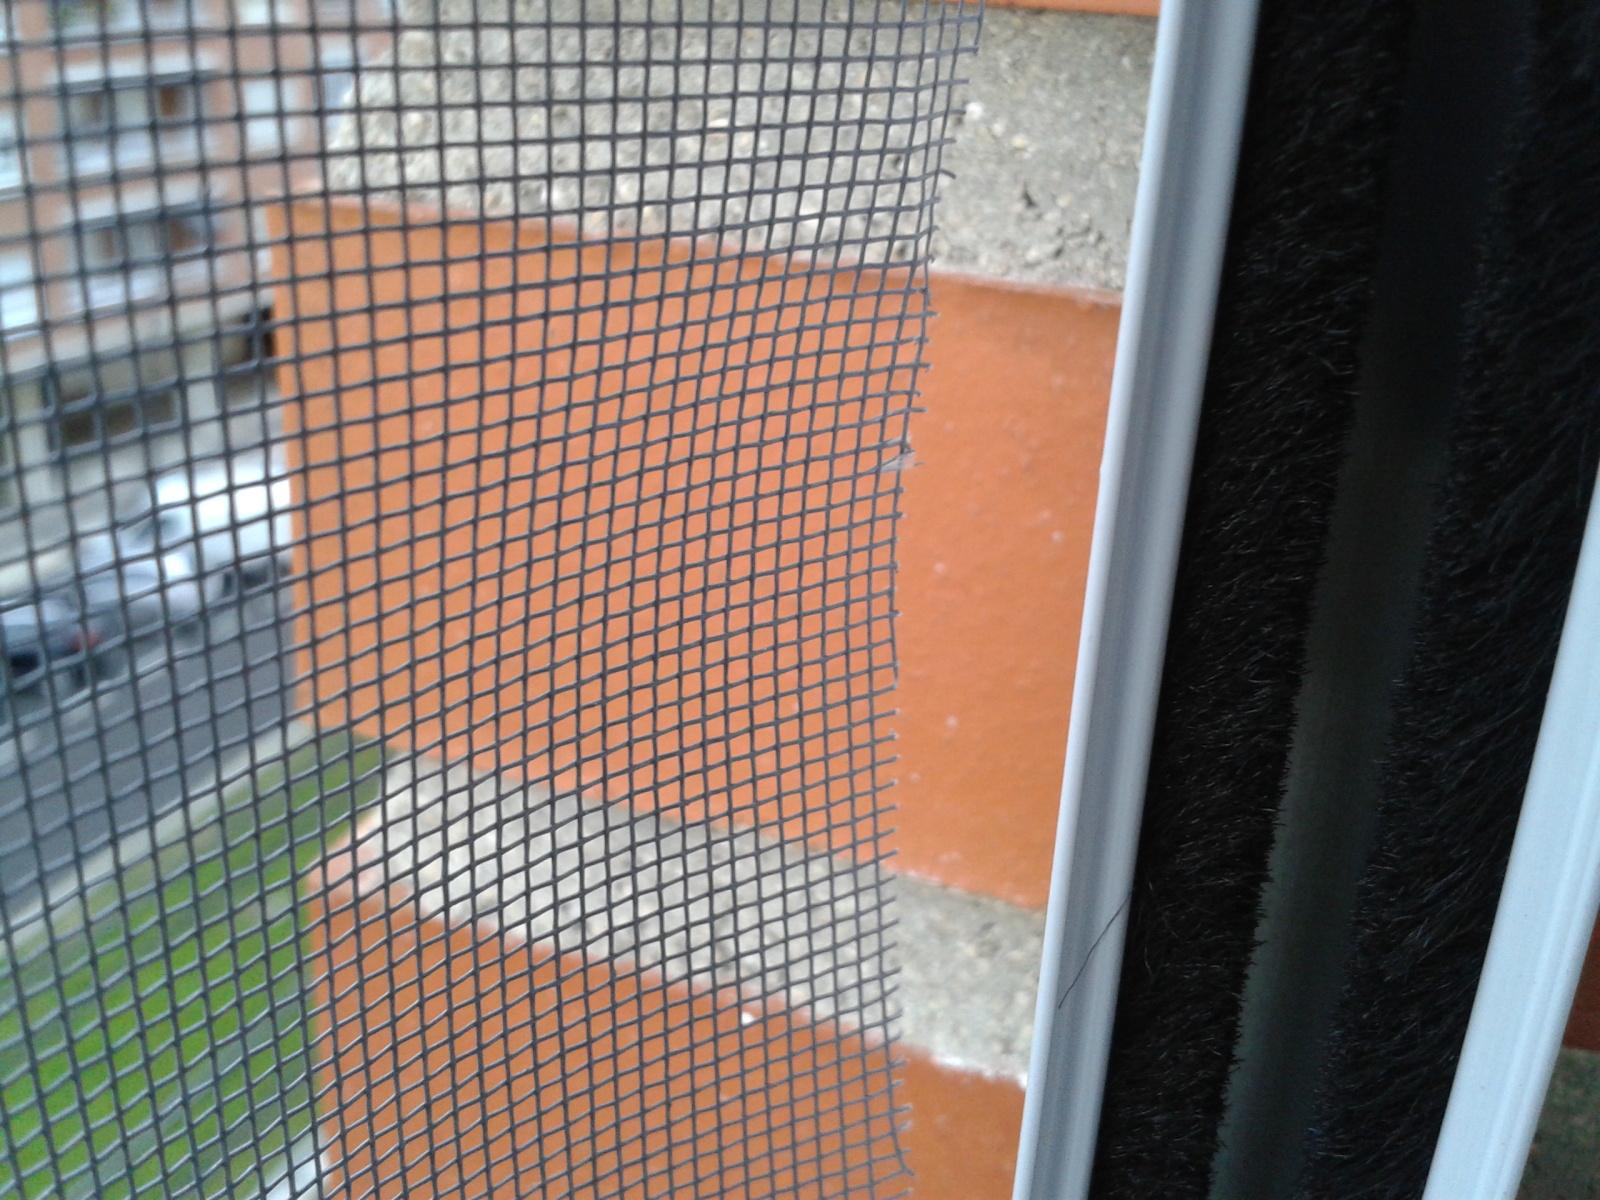 redes - Mosquiteras y redes para las ventanas y cómo proteger a nuestros gatos - Página 9 2rfpuvc